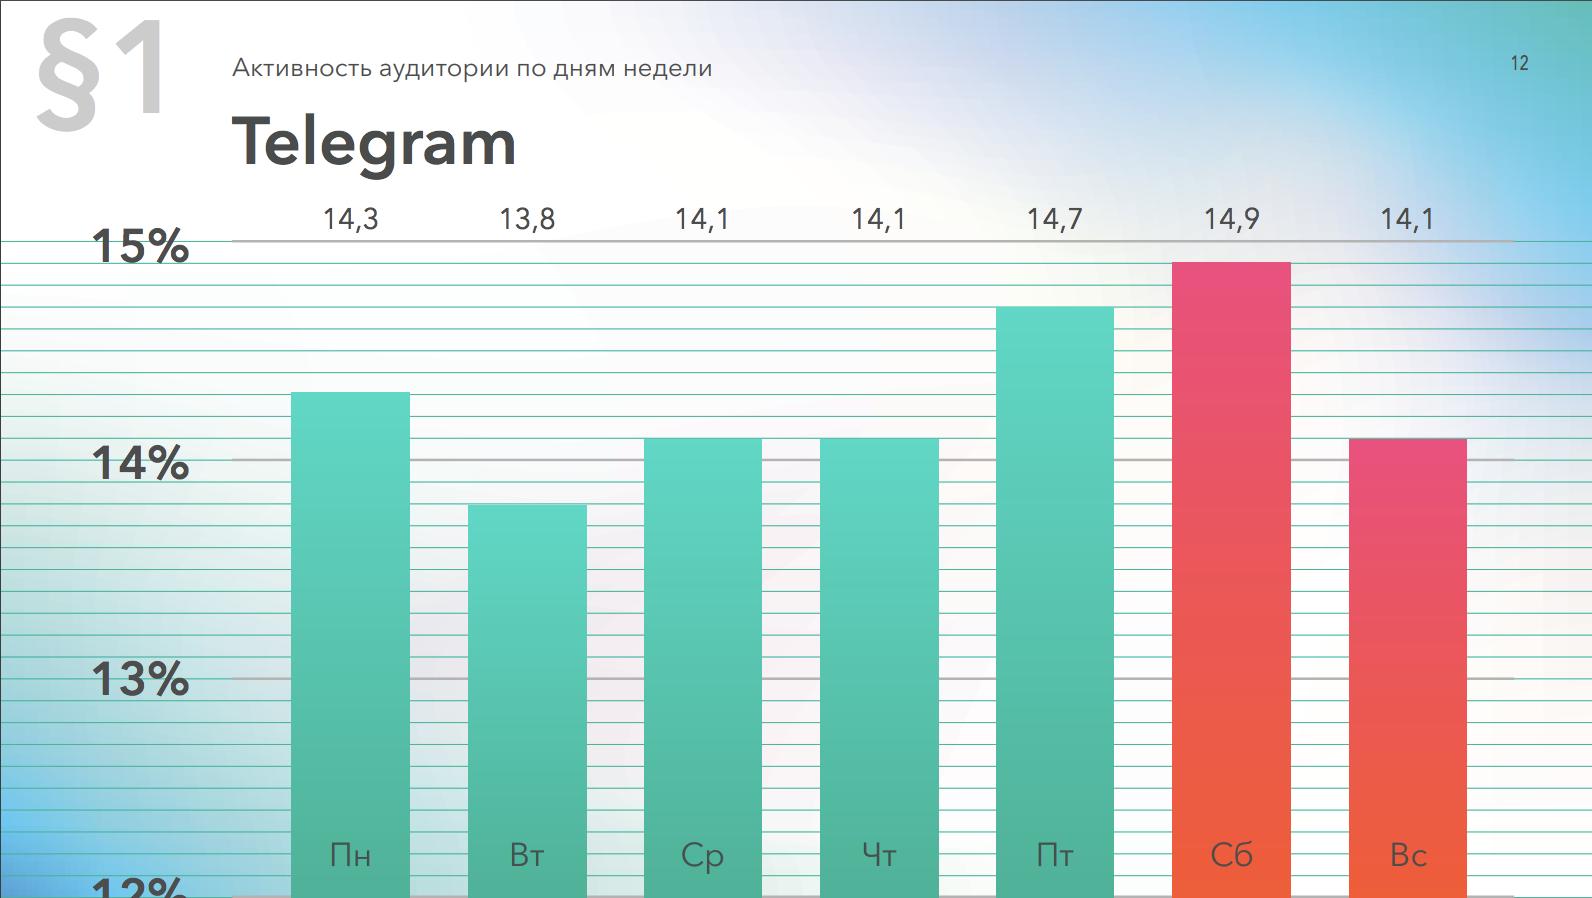 Относительная активность в Telegram по дням недели, данные за 2019 год